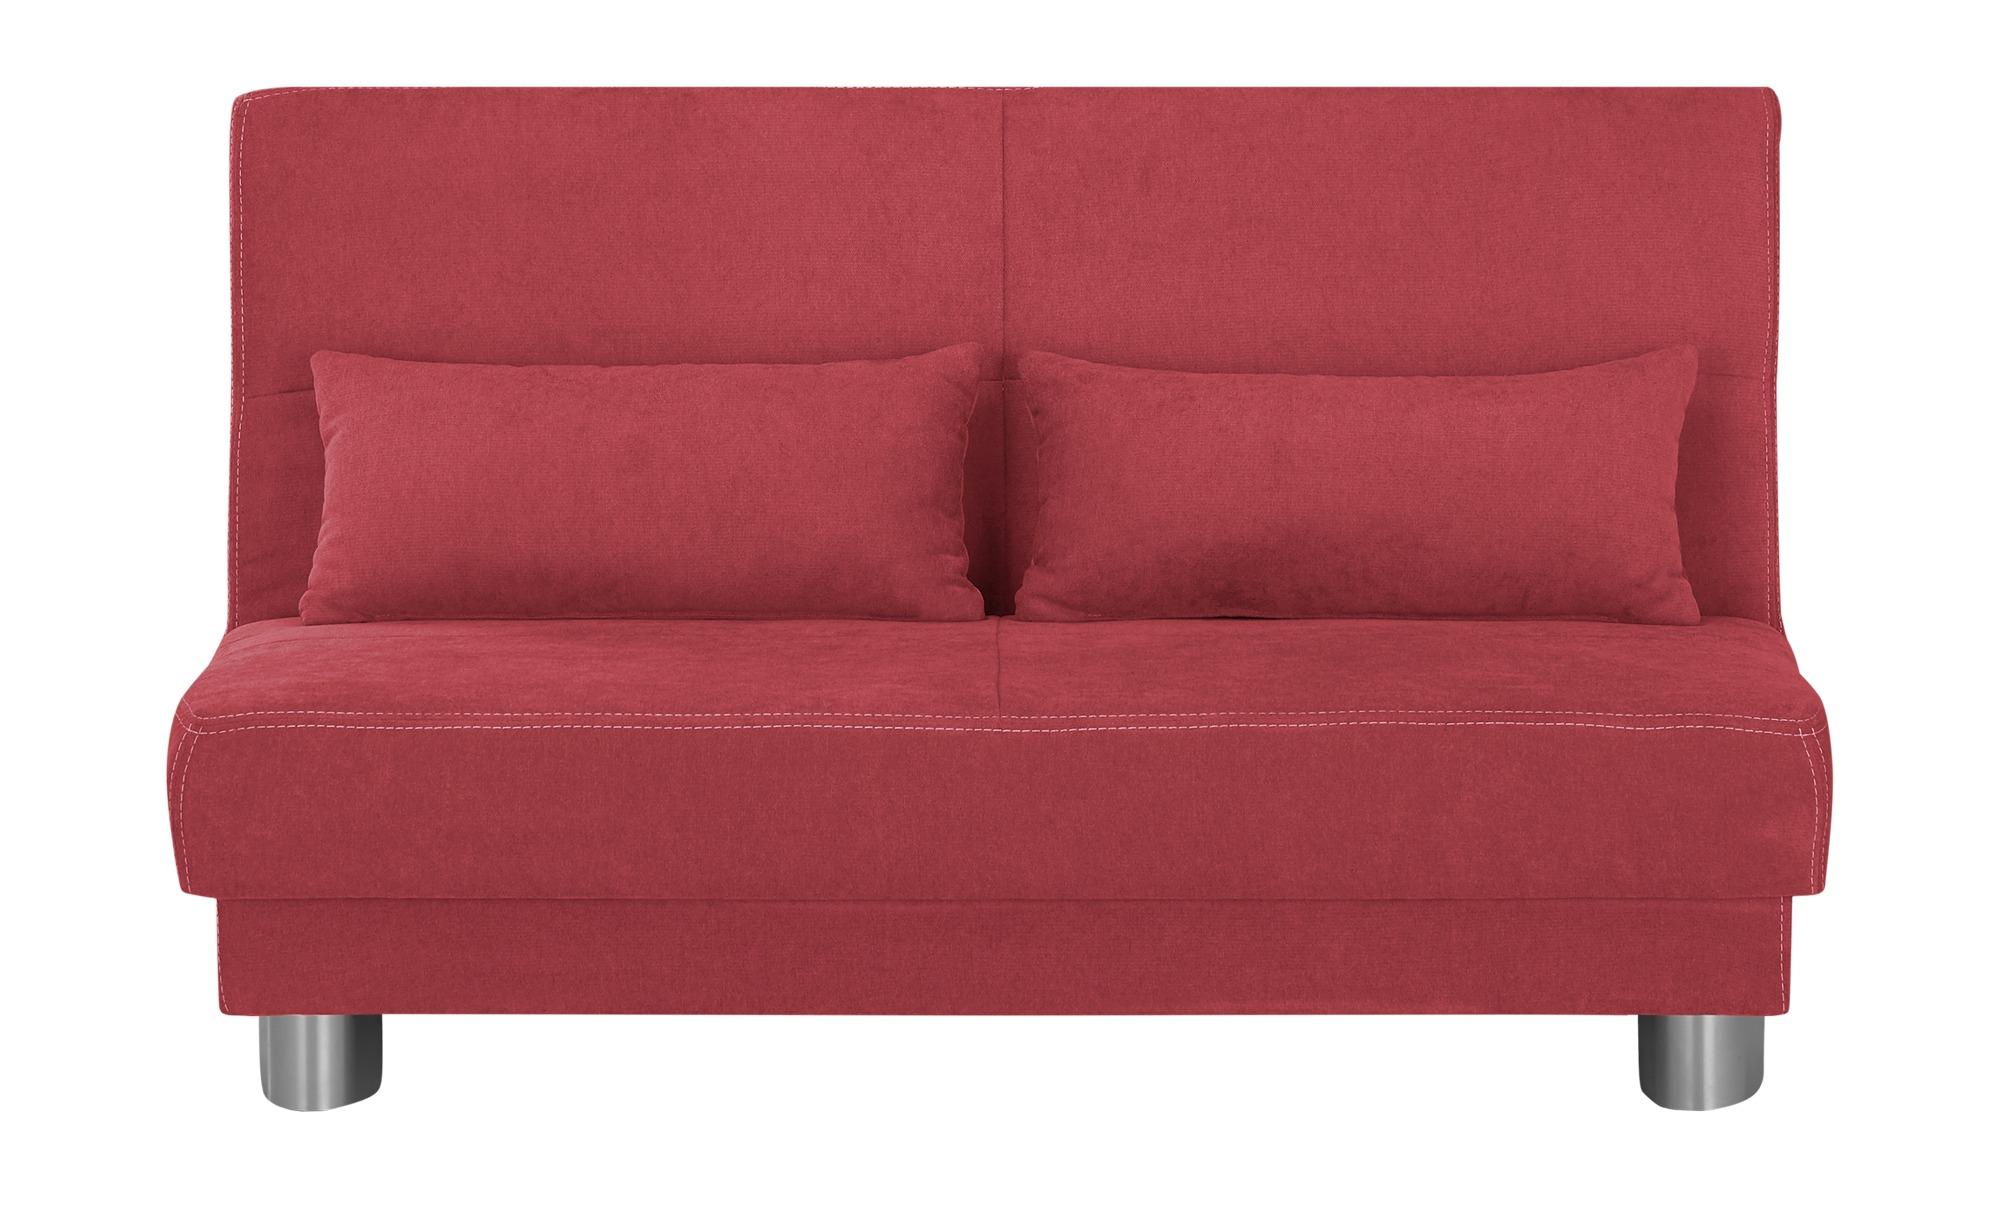 Schlafsofa  Gina ¦ rot ¦ Maße (cm): B: 140 H: 86 T: 95 Polstermöbel > Sofas > Einzelsofas - Höffner